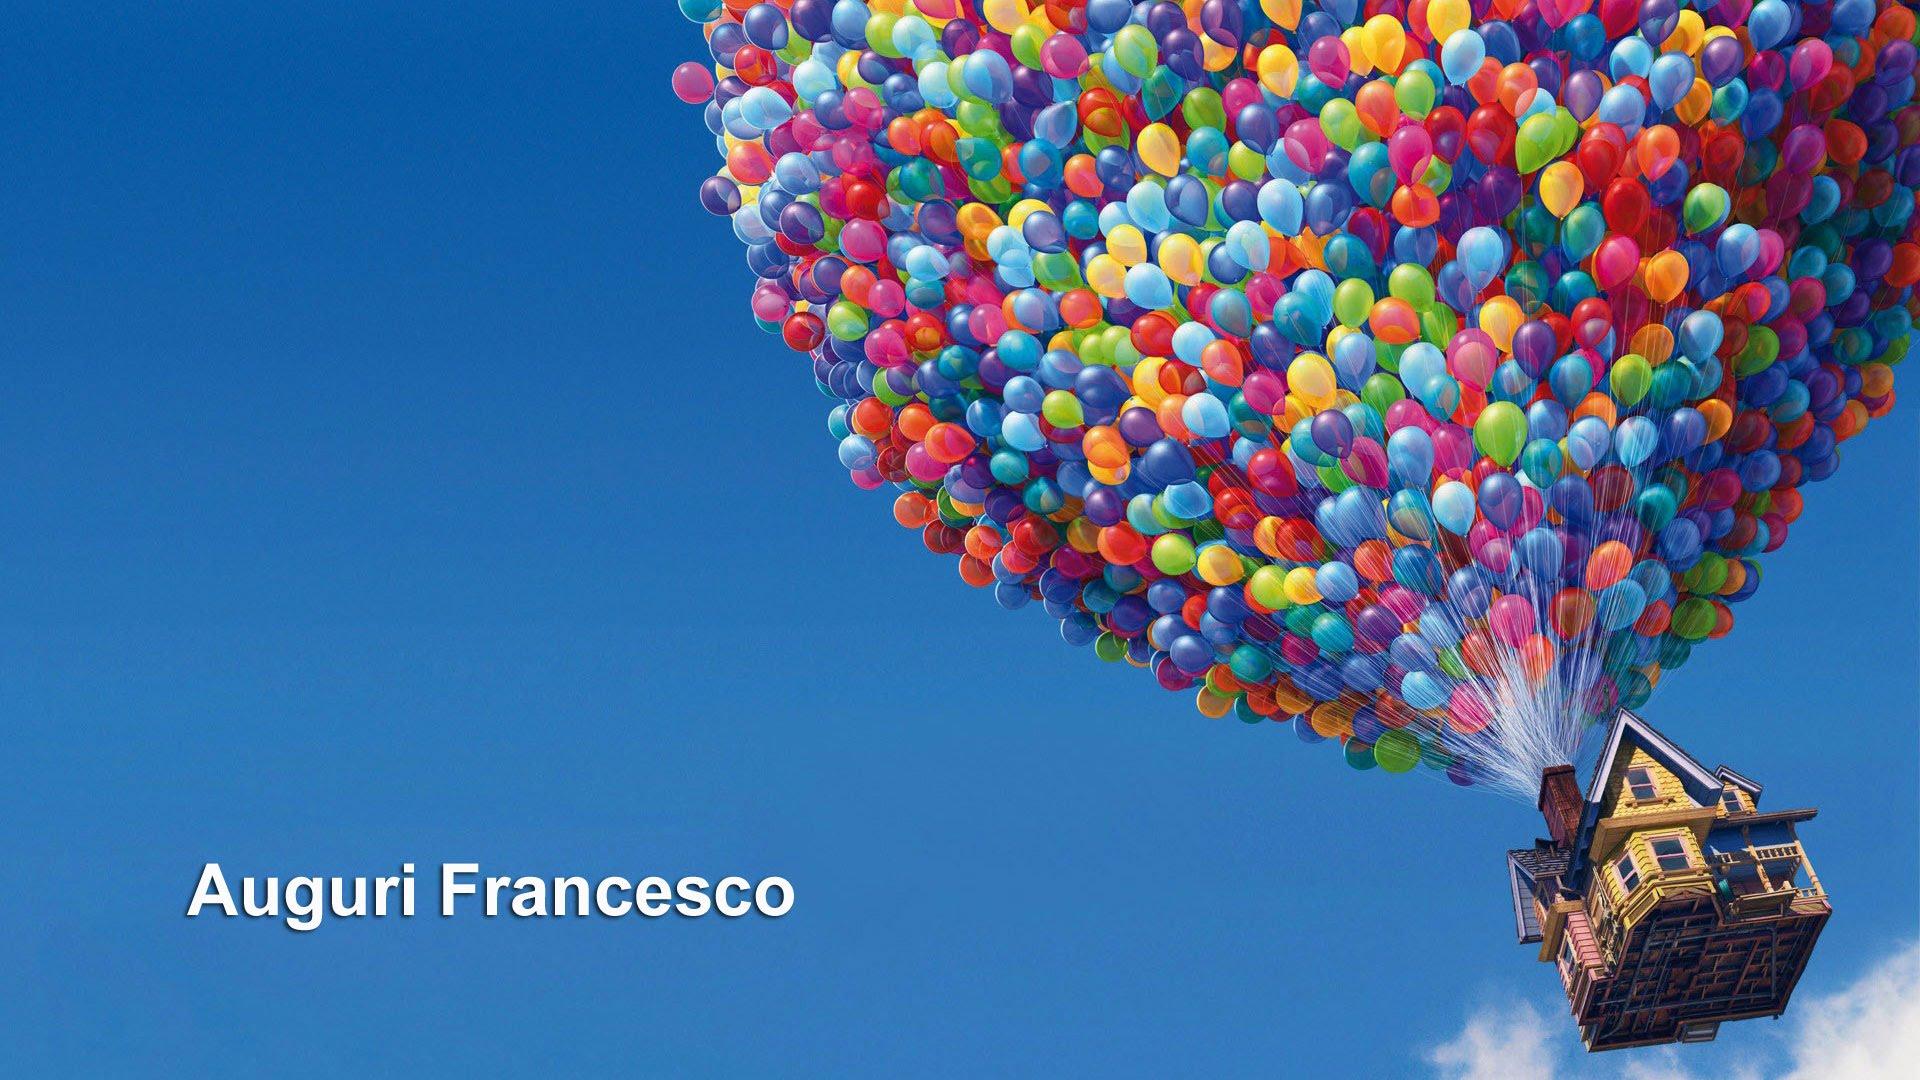 4 ottobre, San Francesco d'Assisi: le migliori immagini per gli auguri di buon onomastico su WhatsApp e Facebook